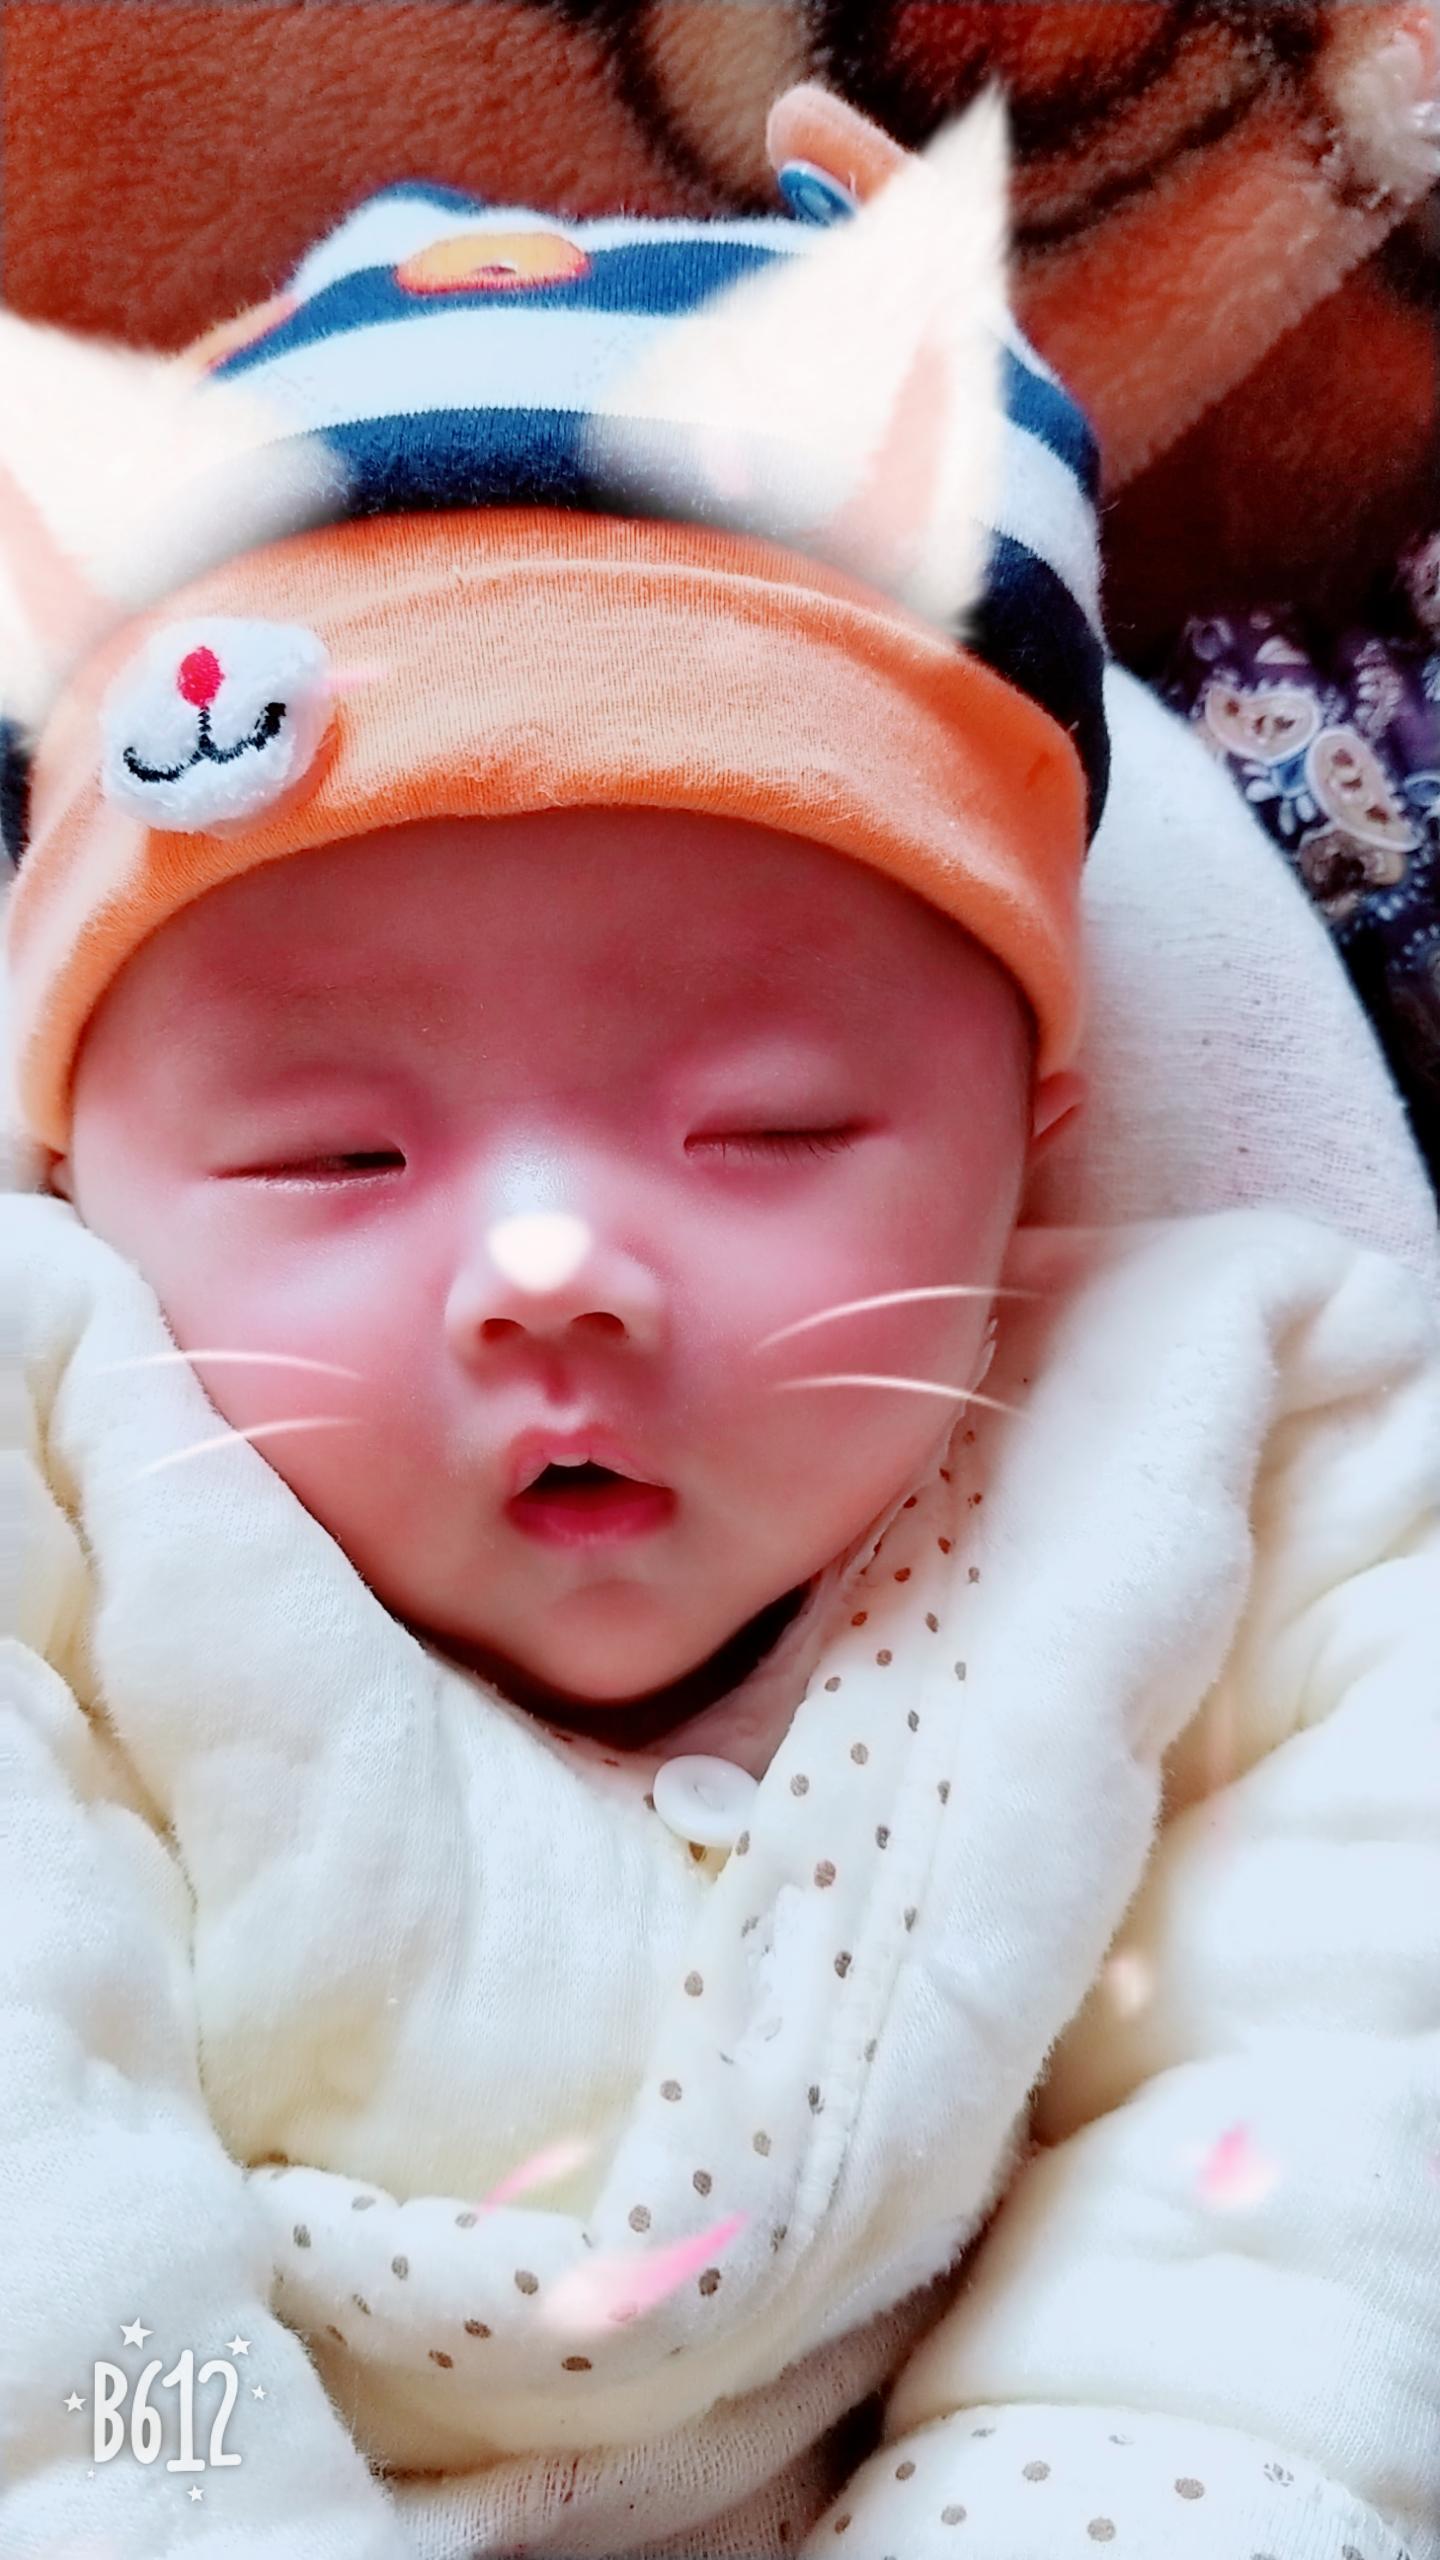 可爱的小宝_帖子_oppo手机官方社区